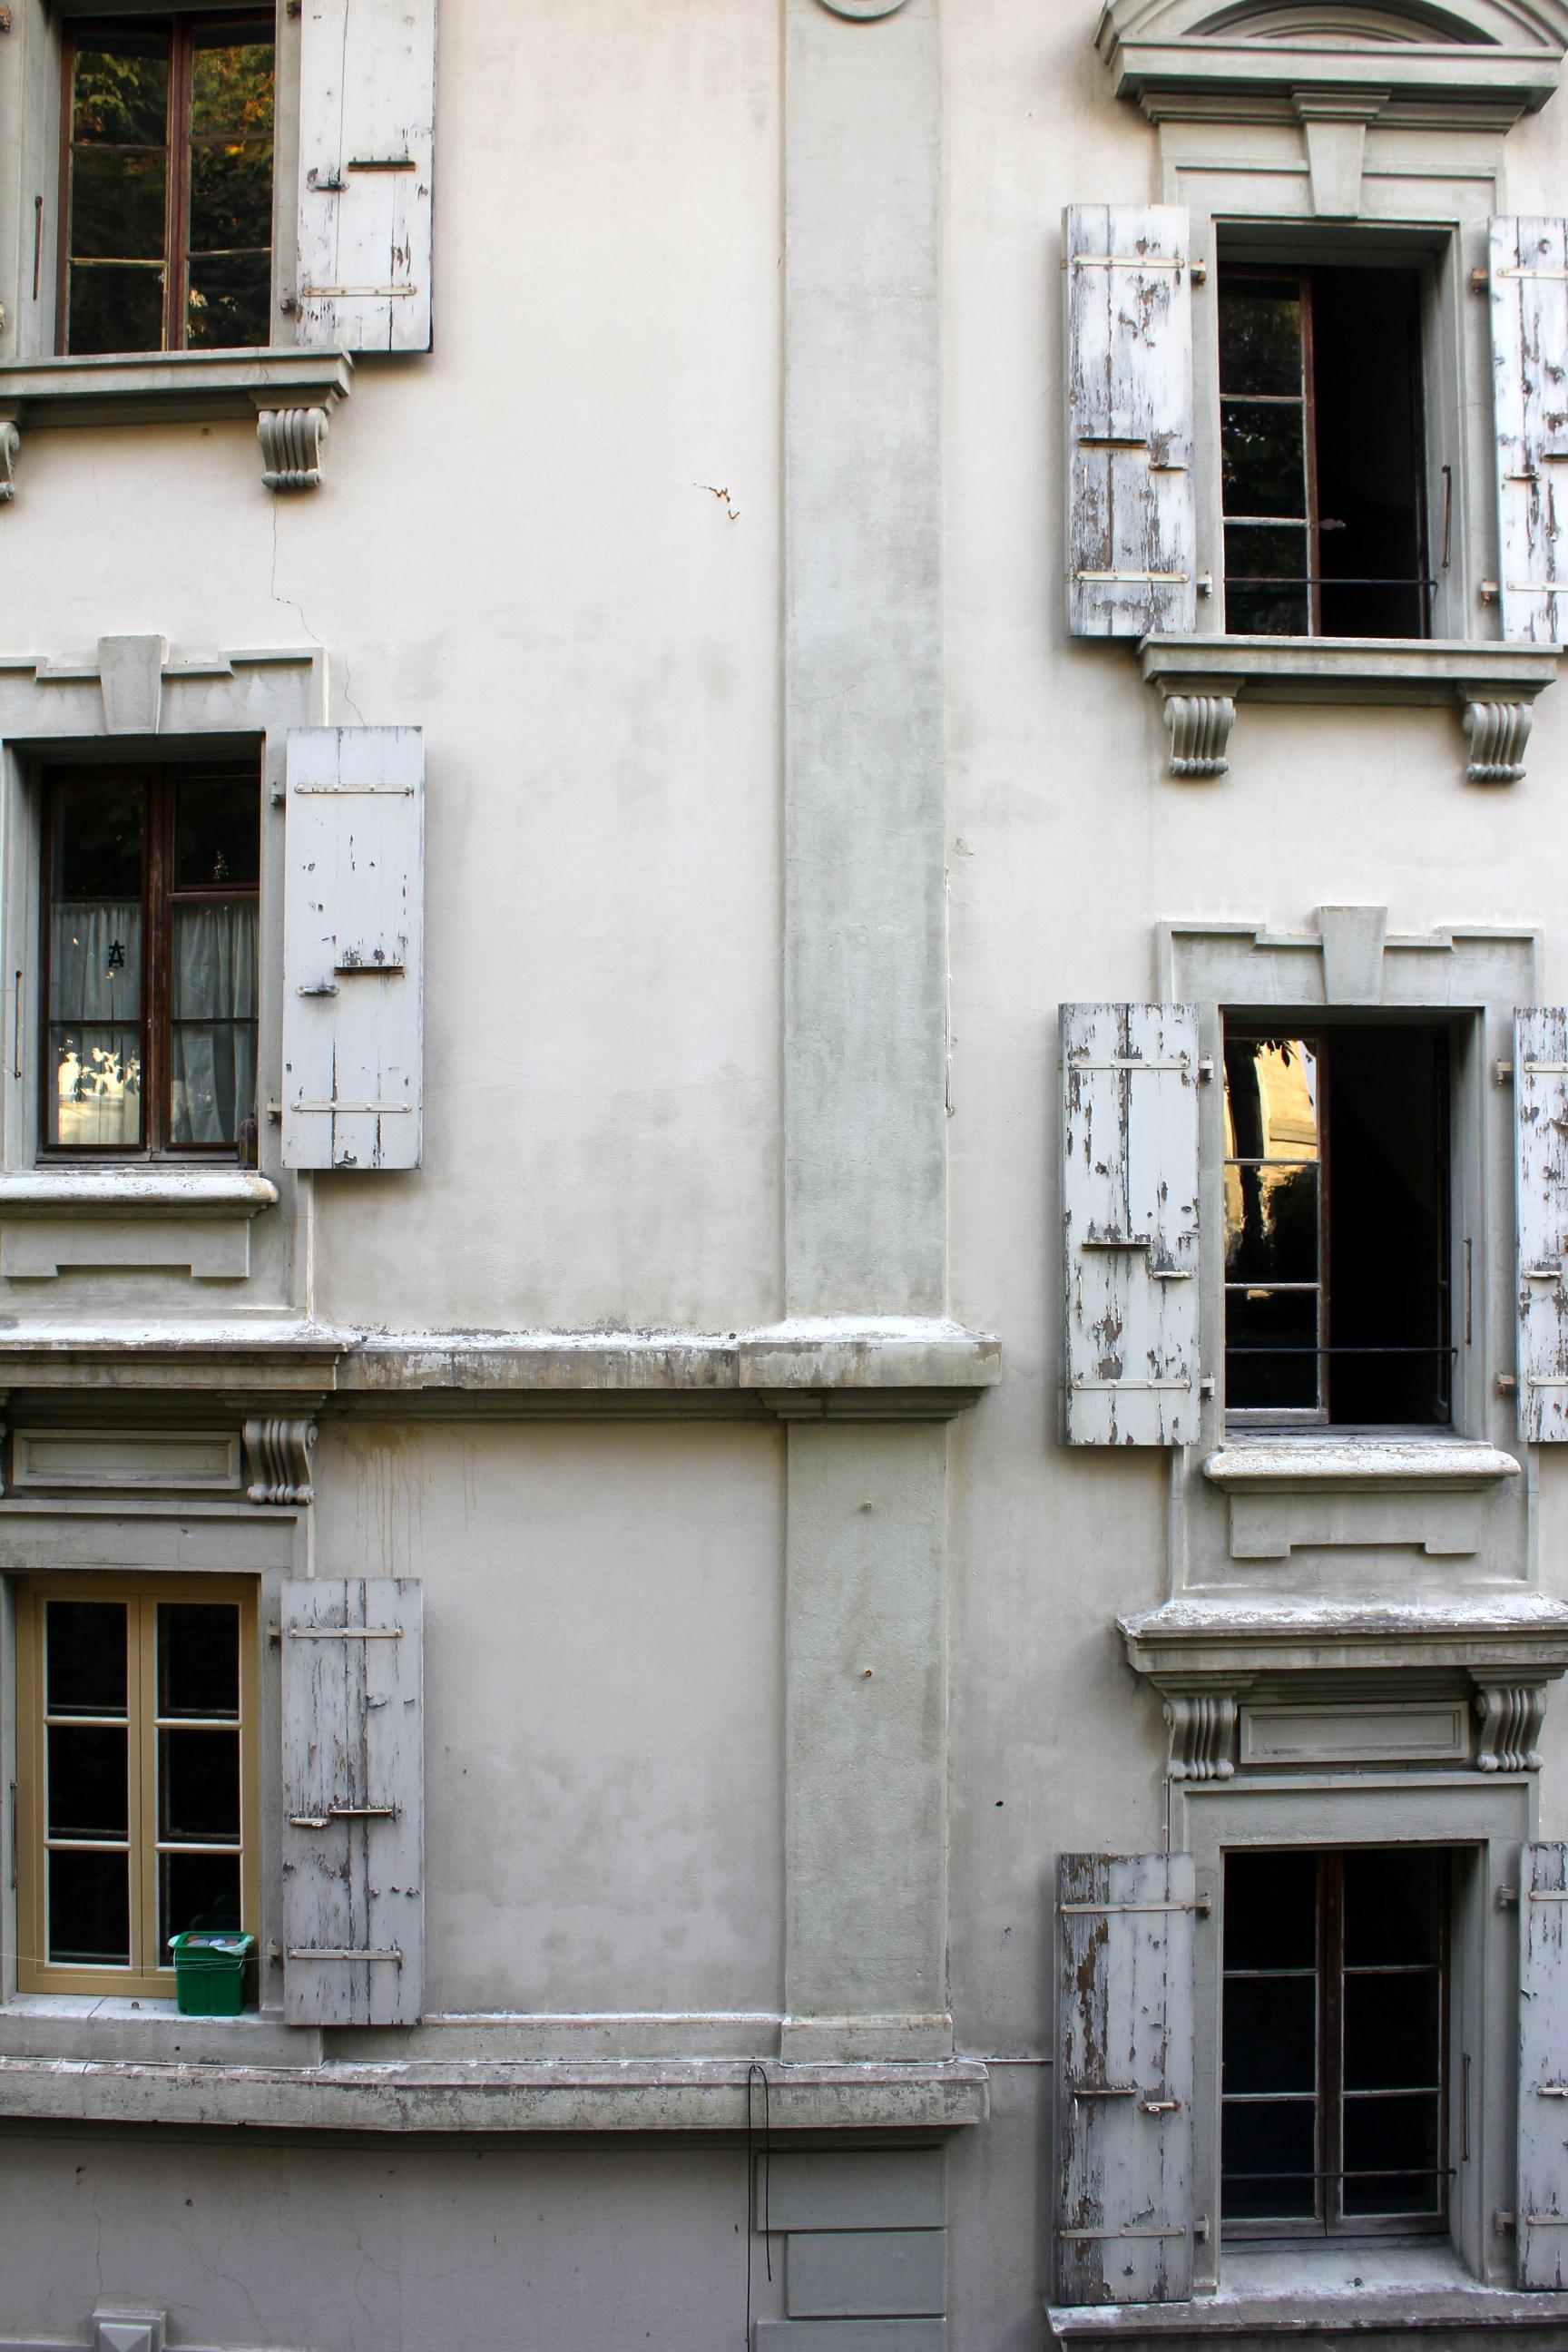 Krauchthal Neue Bekanntschaften Romanel-Sur-Lausanne